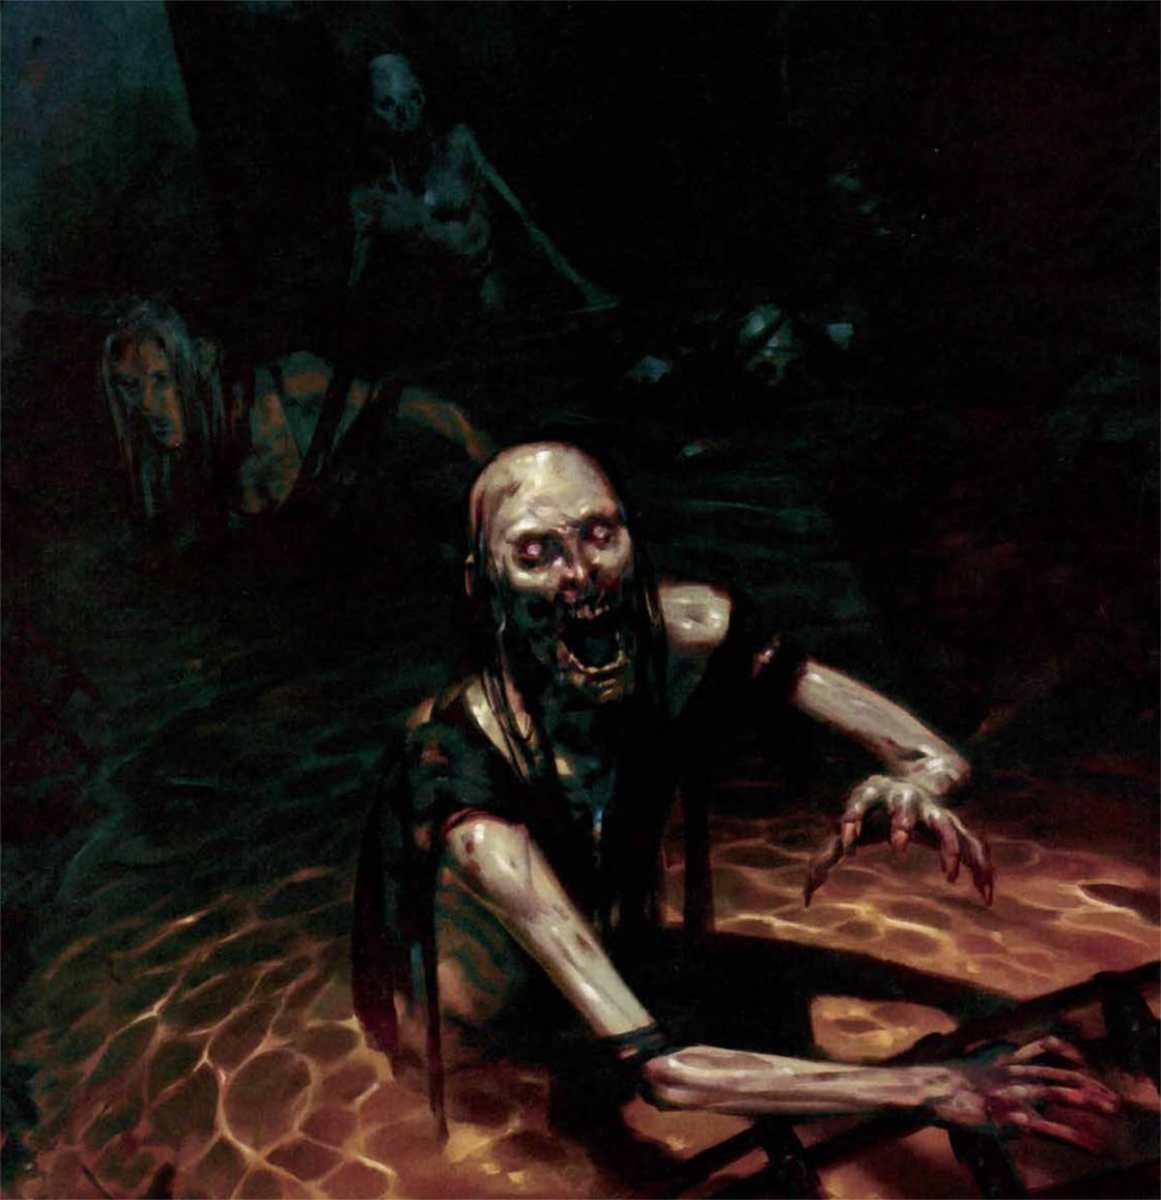 Non-morti di Ravenloft, ambientazione horror per D&D 5E